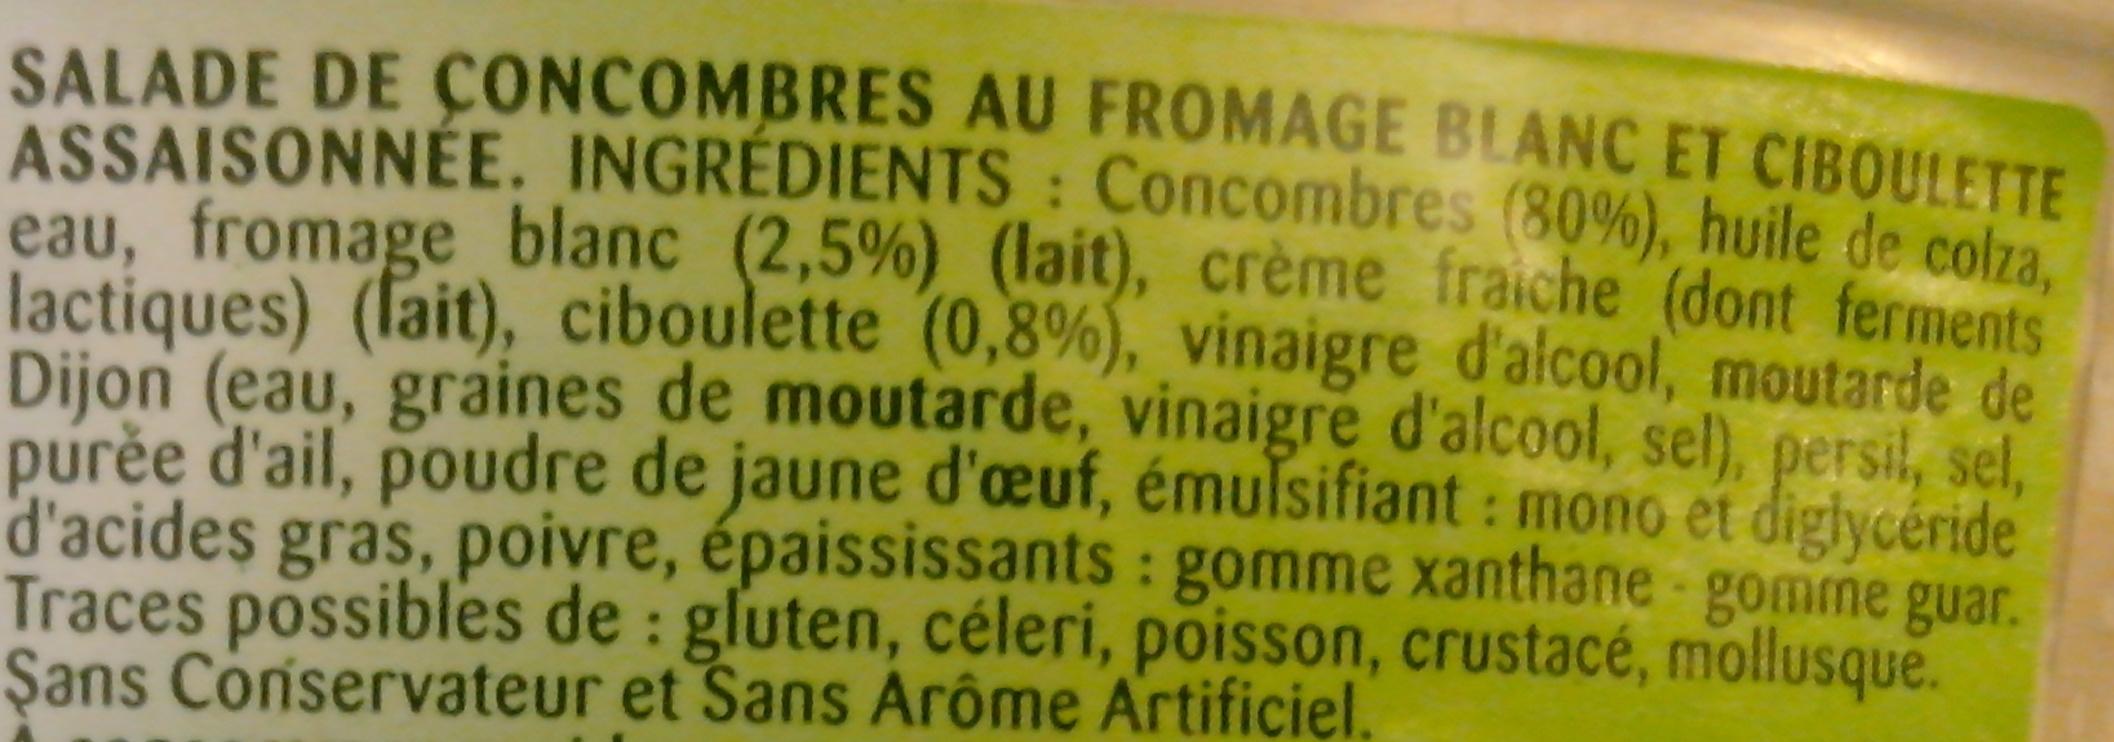 Concombres au fromage blanc et ciboulette - Ingredients - fr